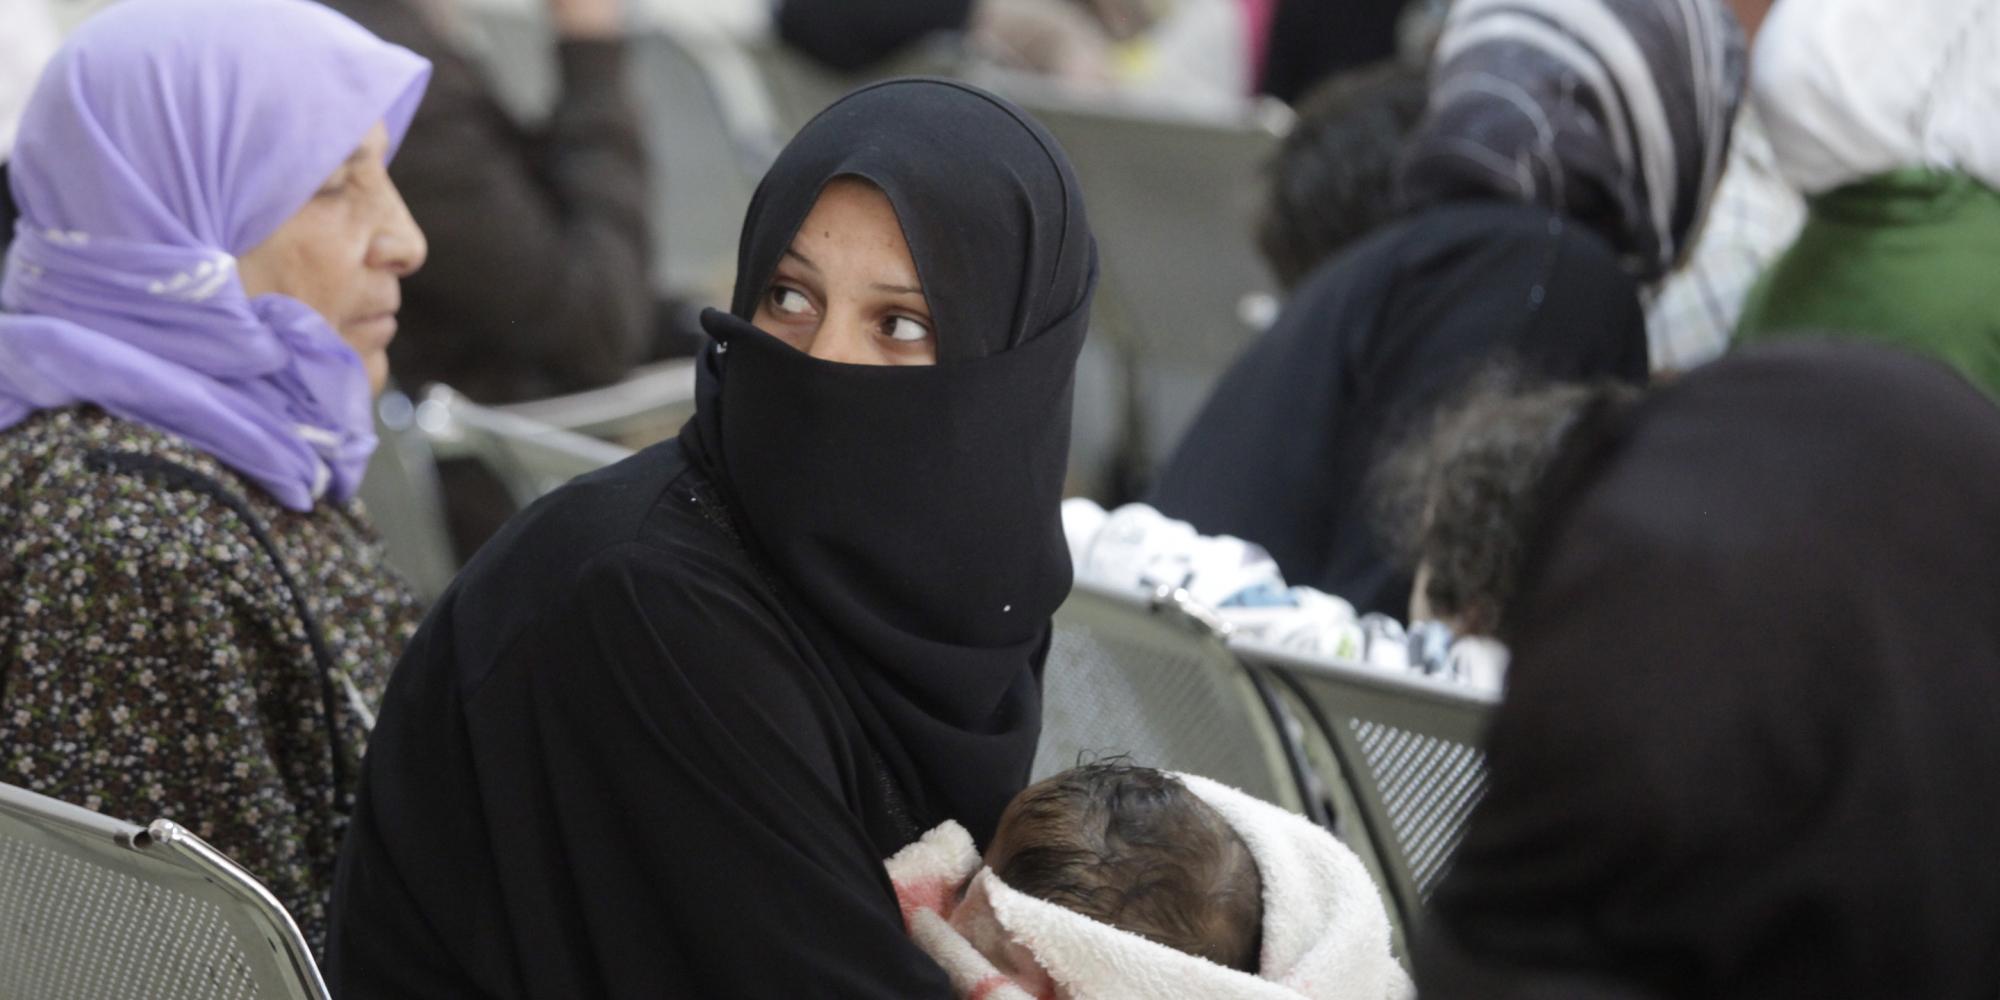 الأمم المتحدة: طالبو اللجوء لاستراليا يفتقرون للرعاية الطبية